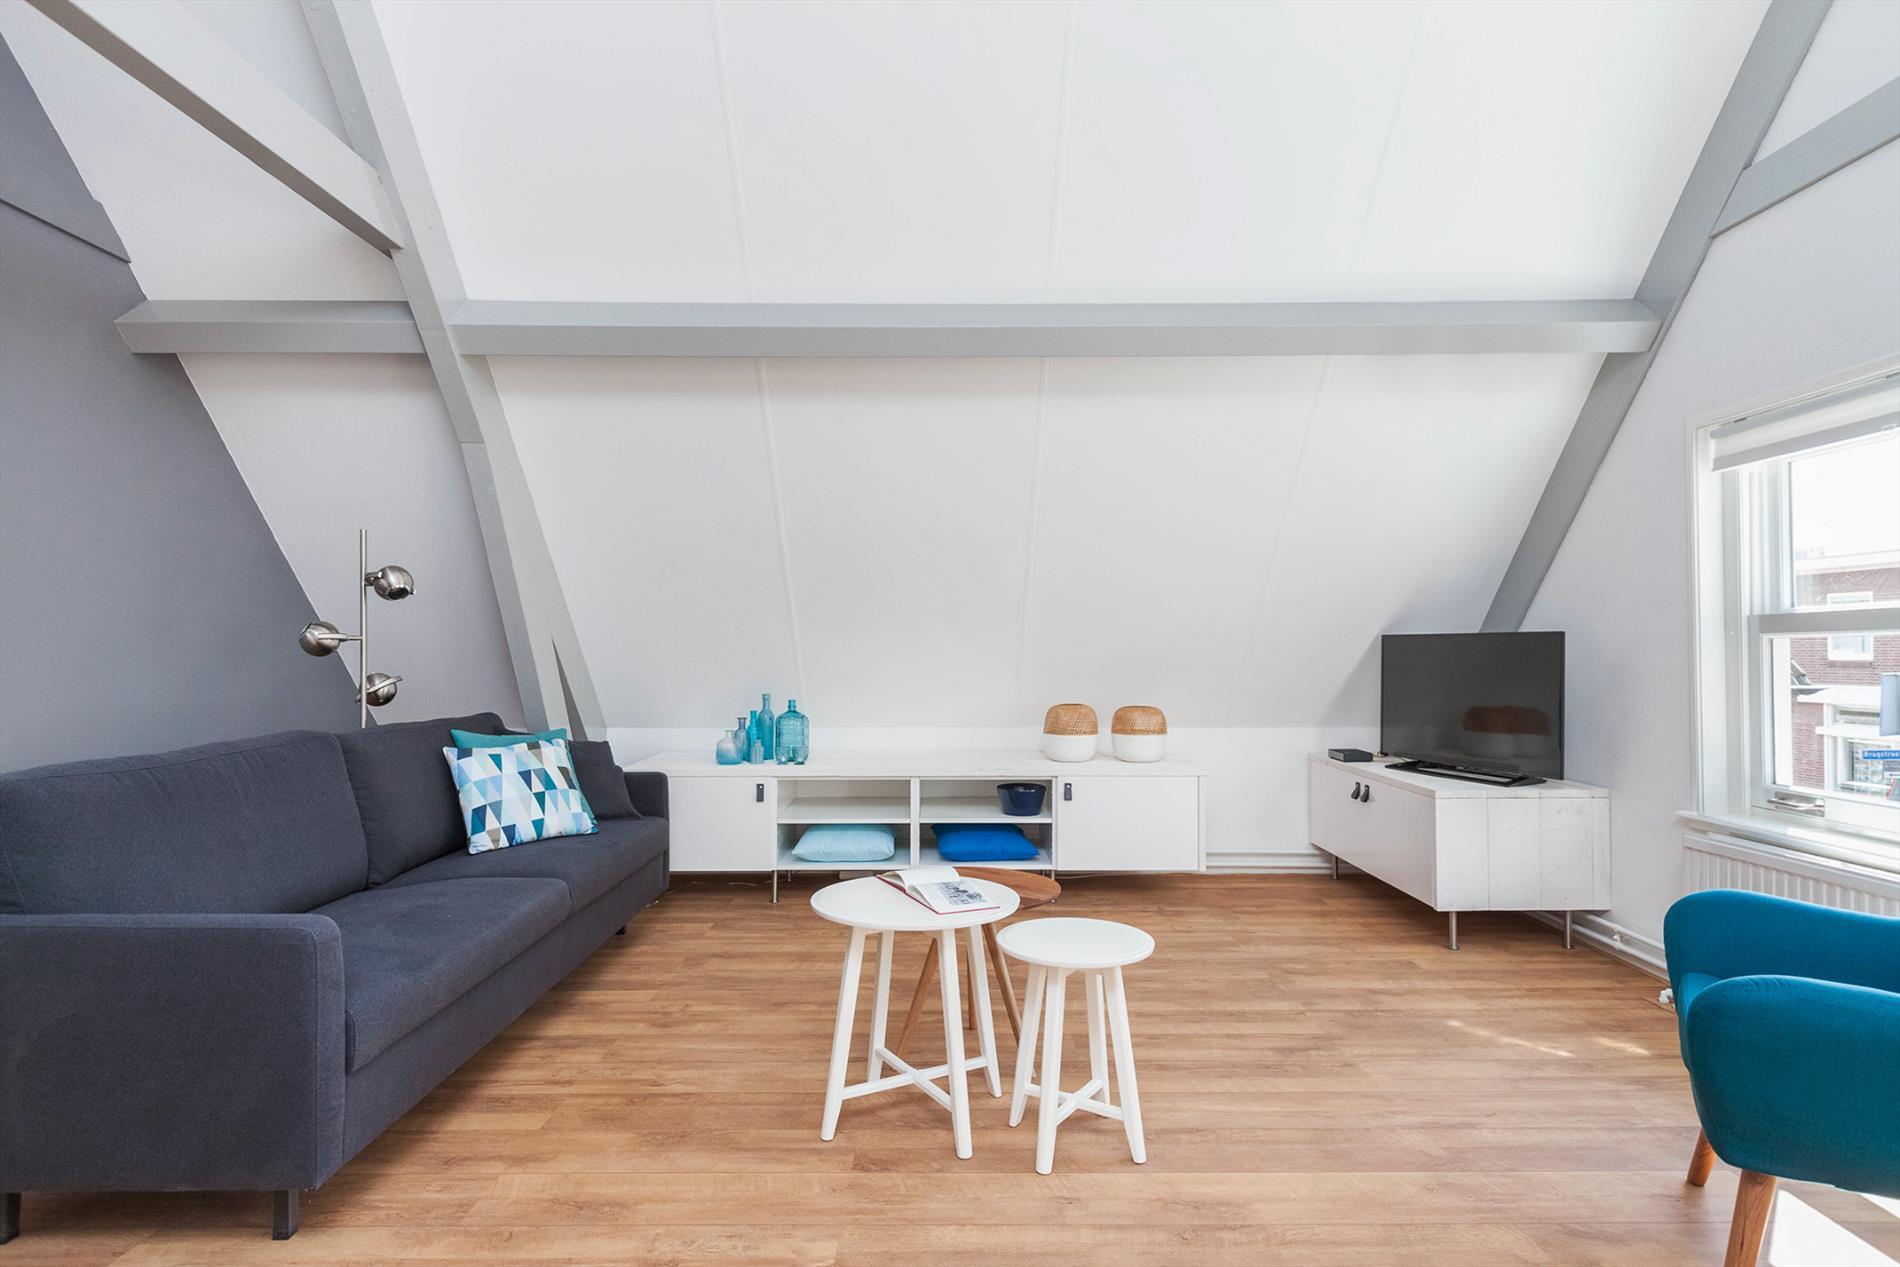 Brugstraat 4, 2969 AB Oud-Alblas - 04659875_4.jpg